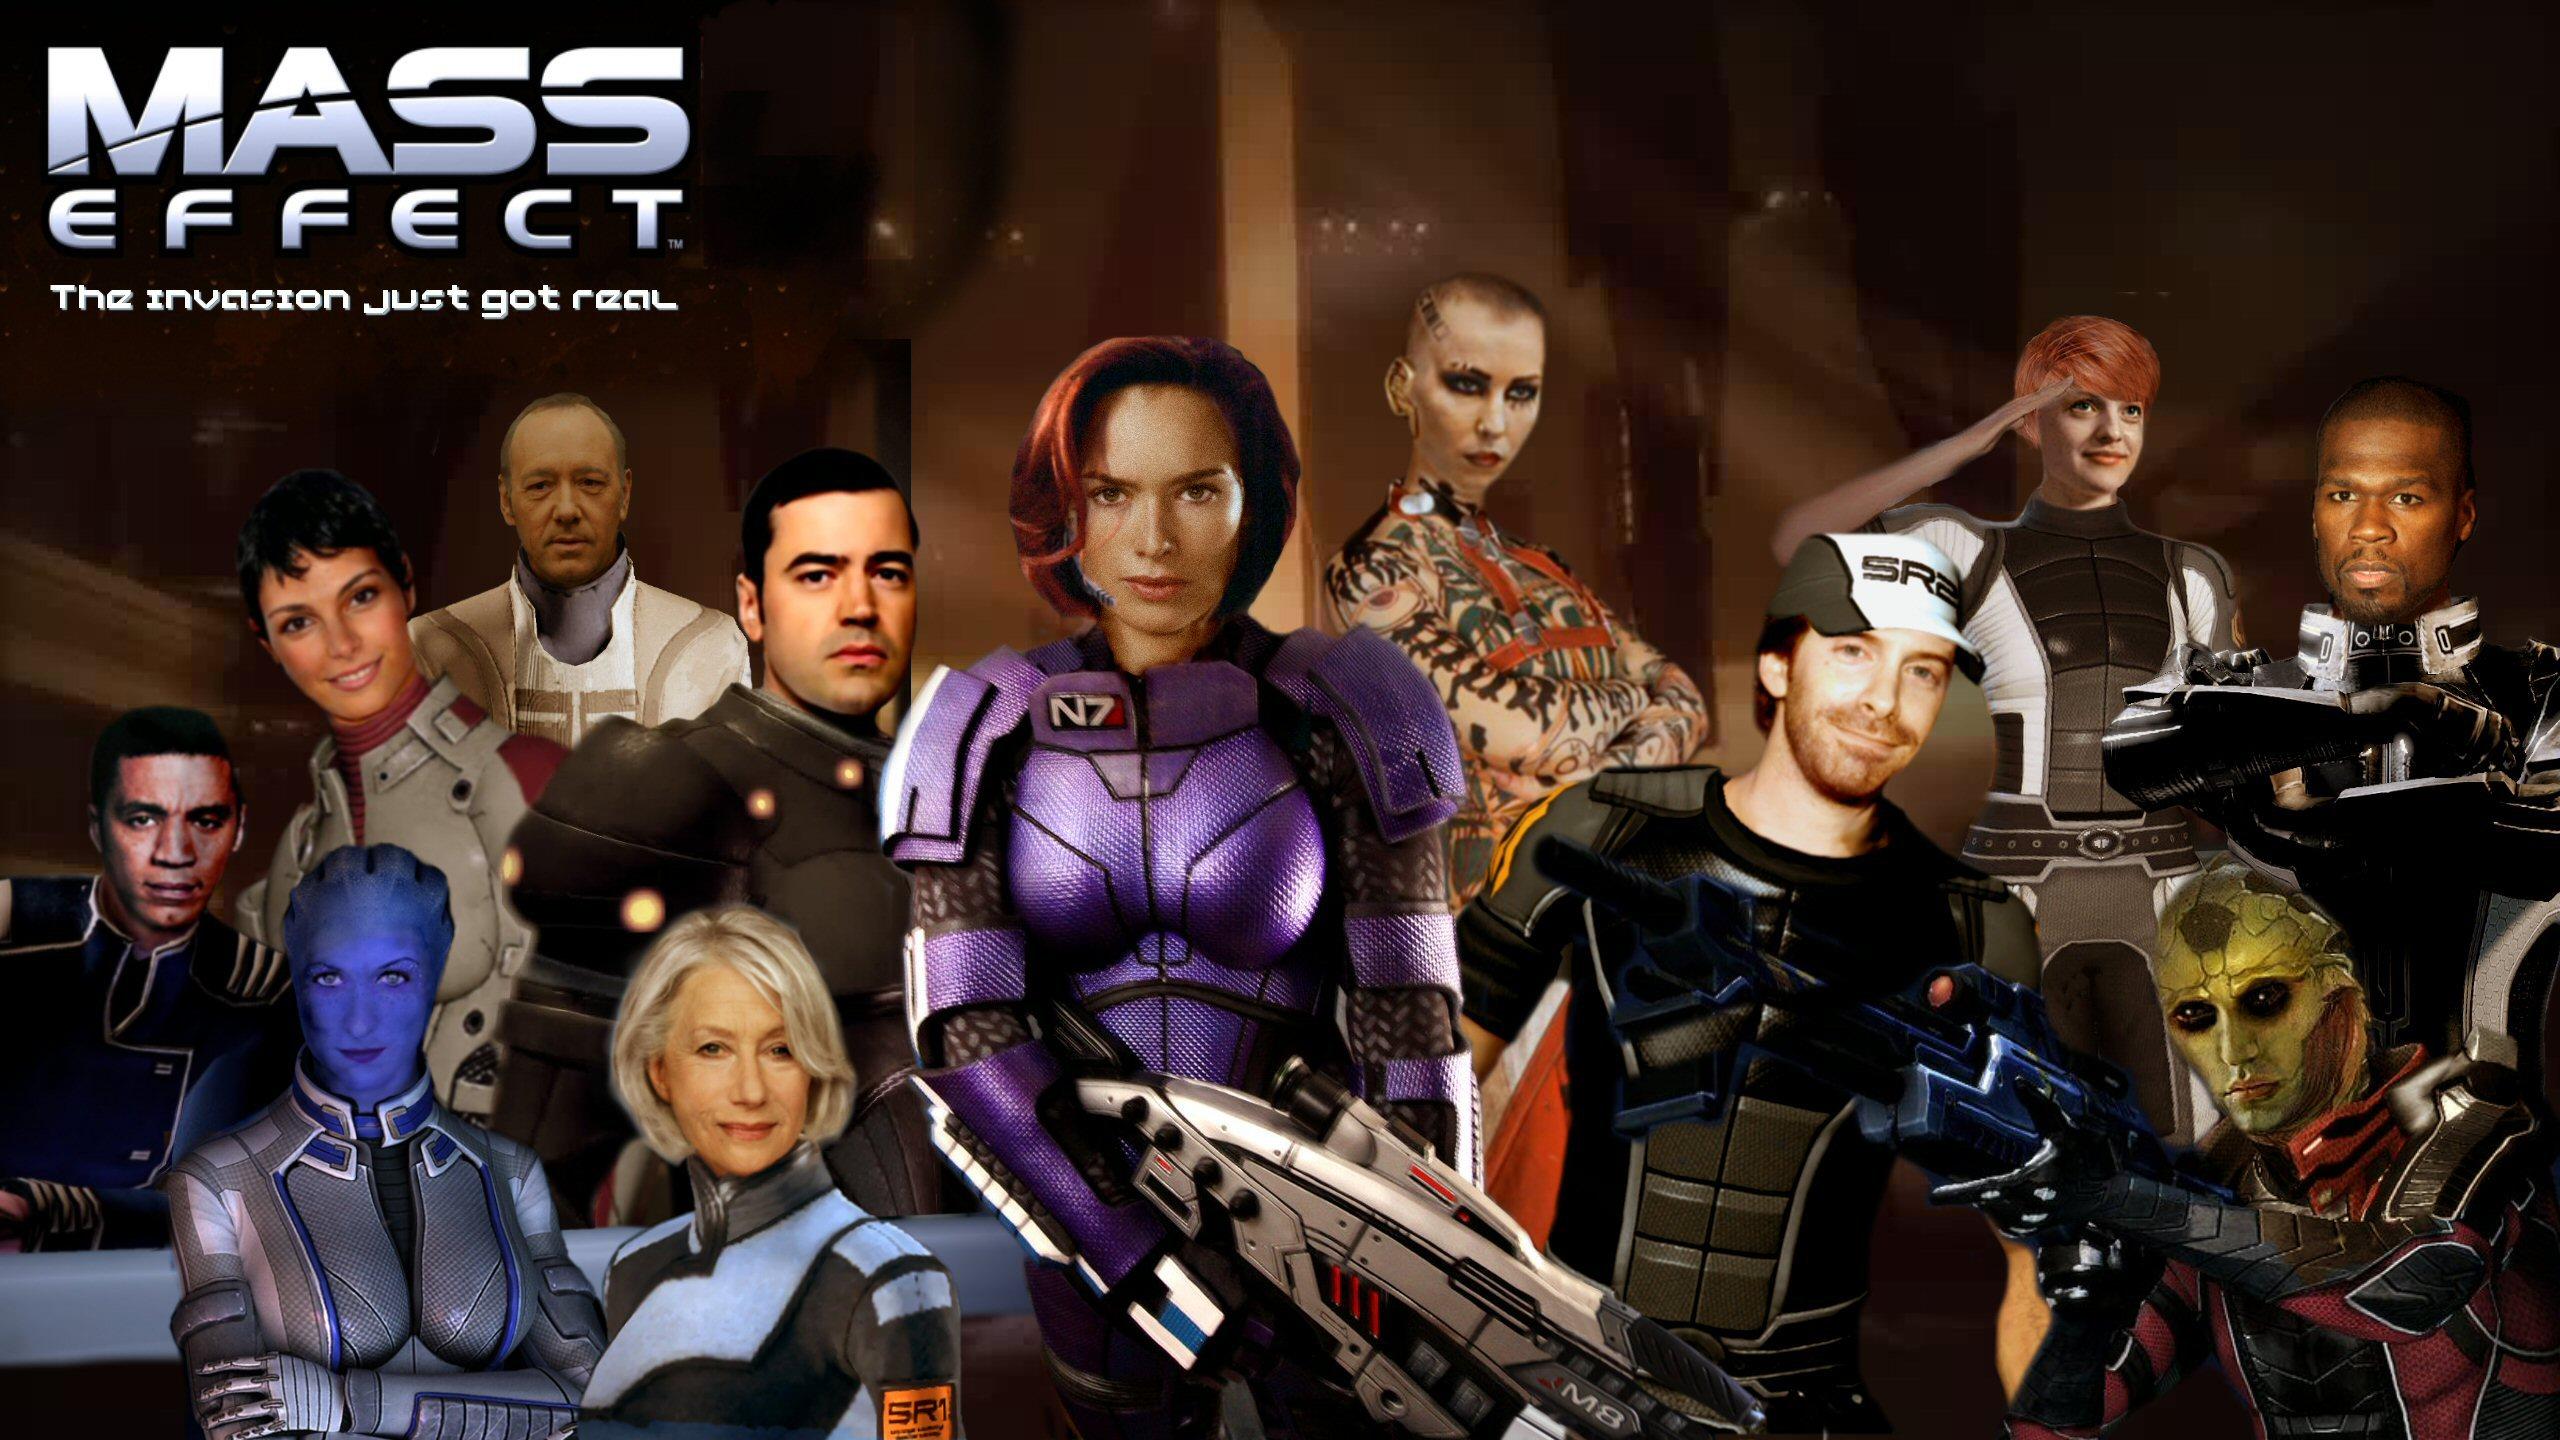 Mass Effect Film